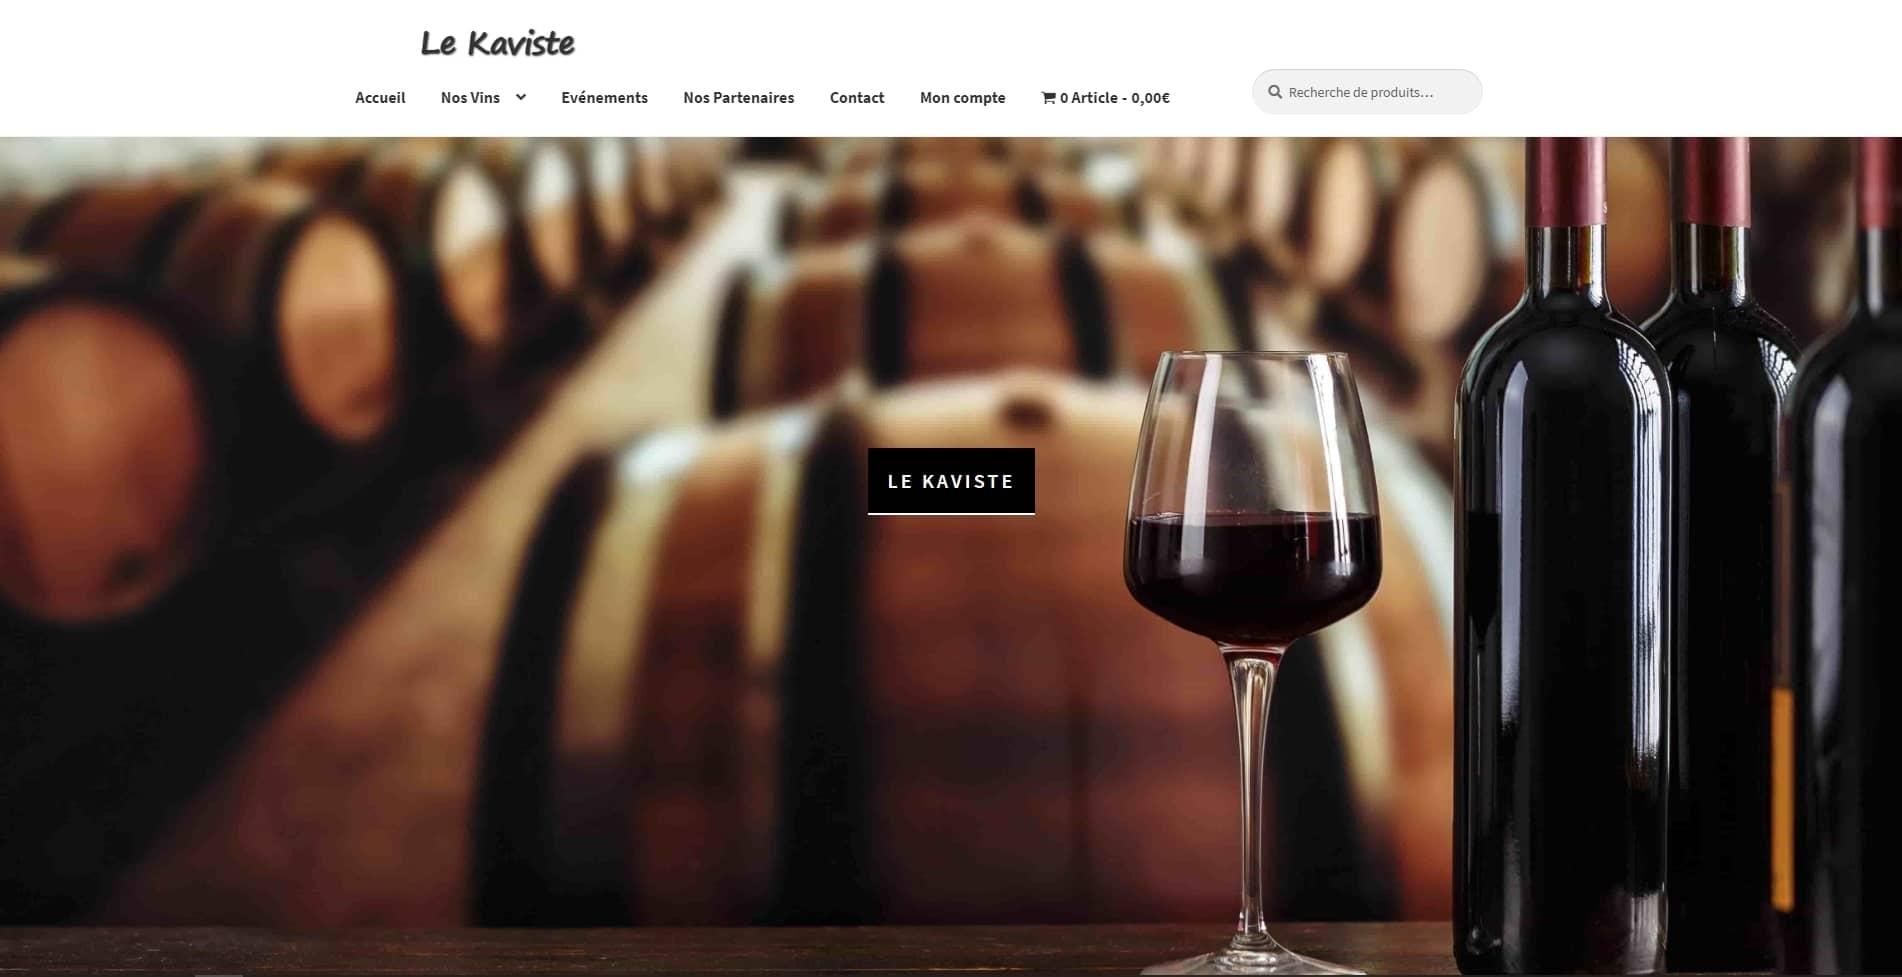 Le Kaviste